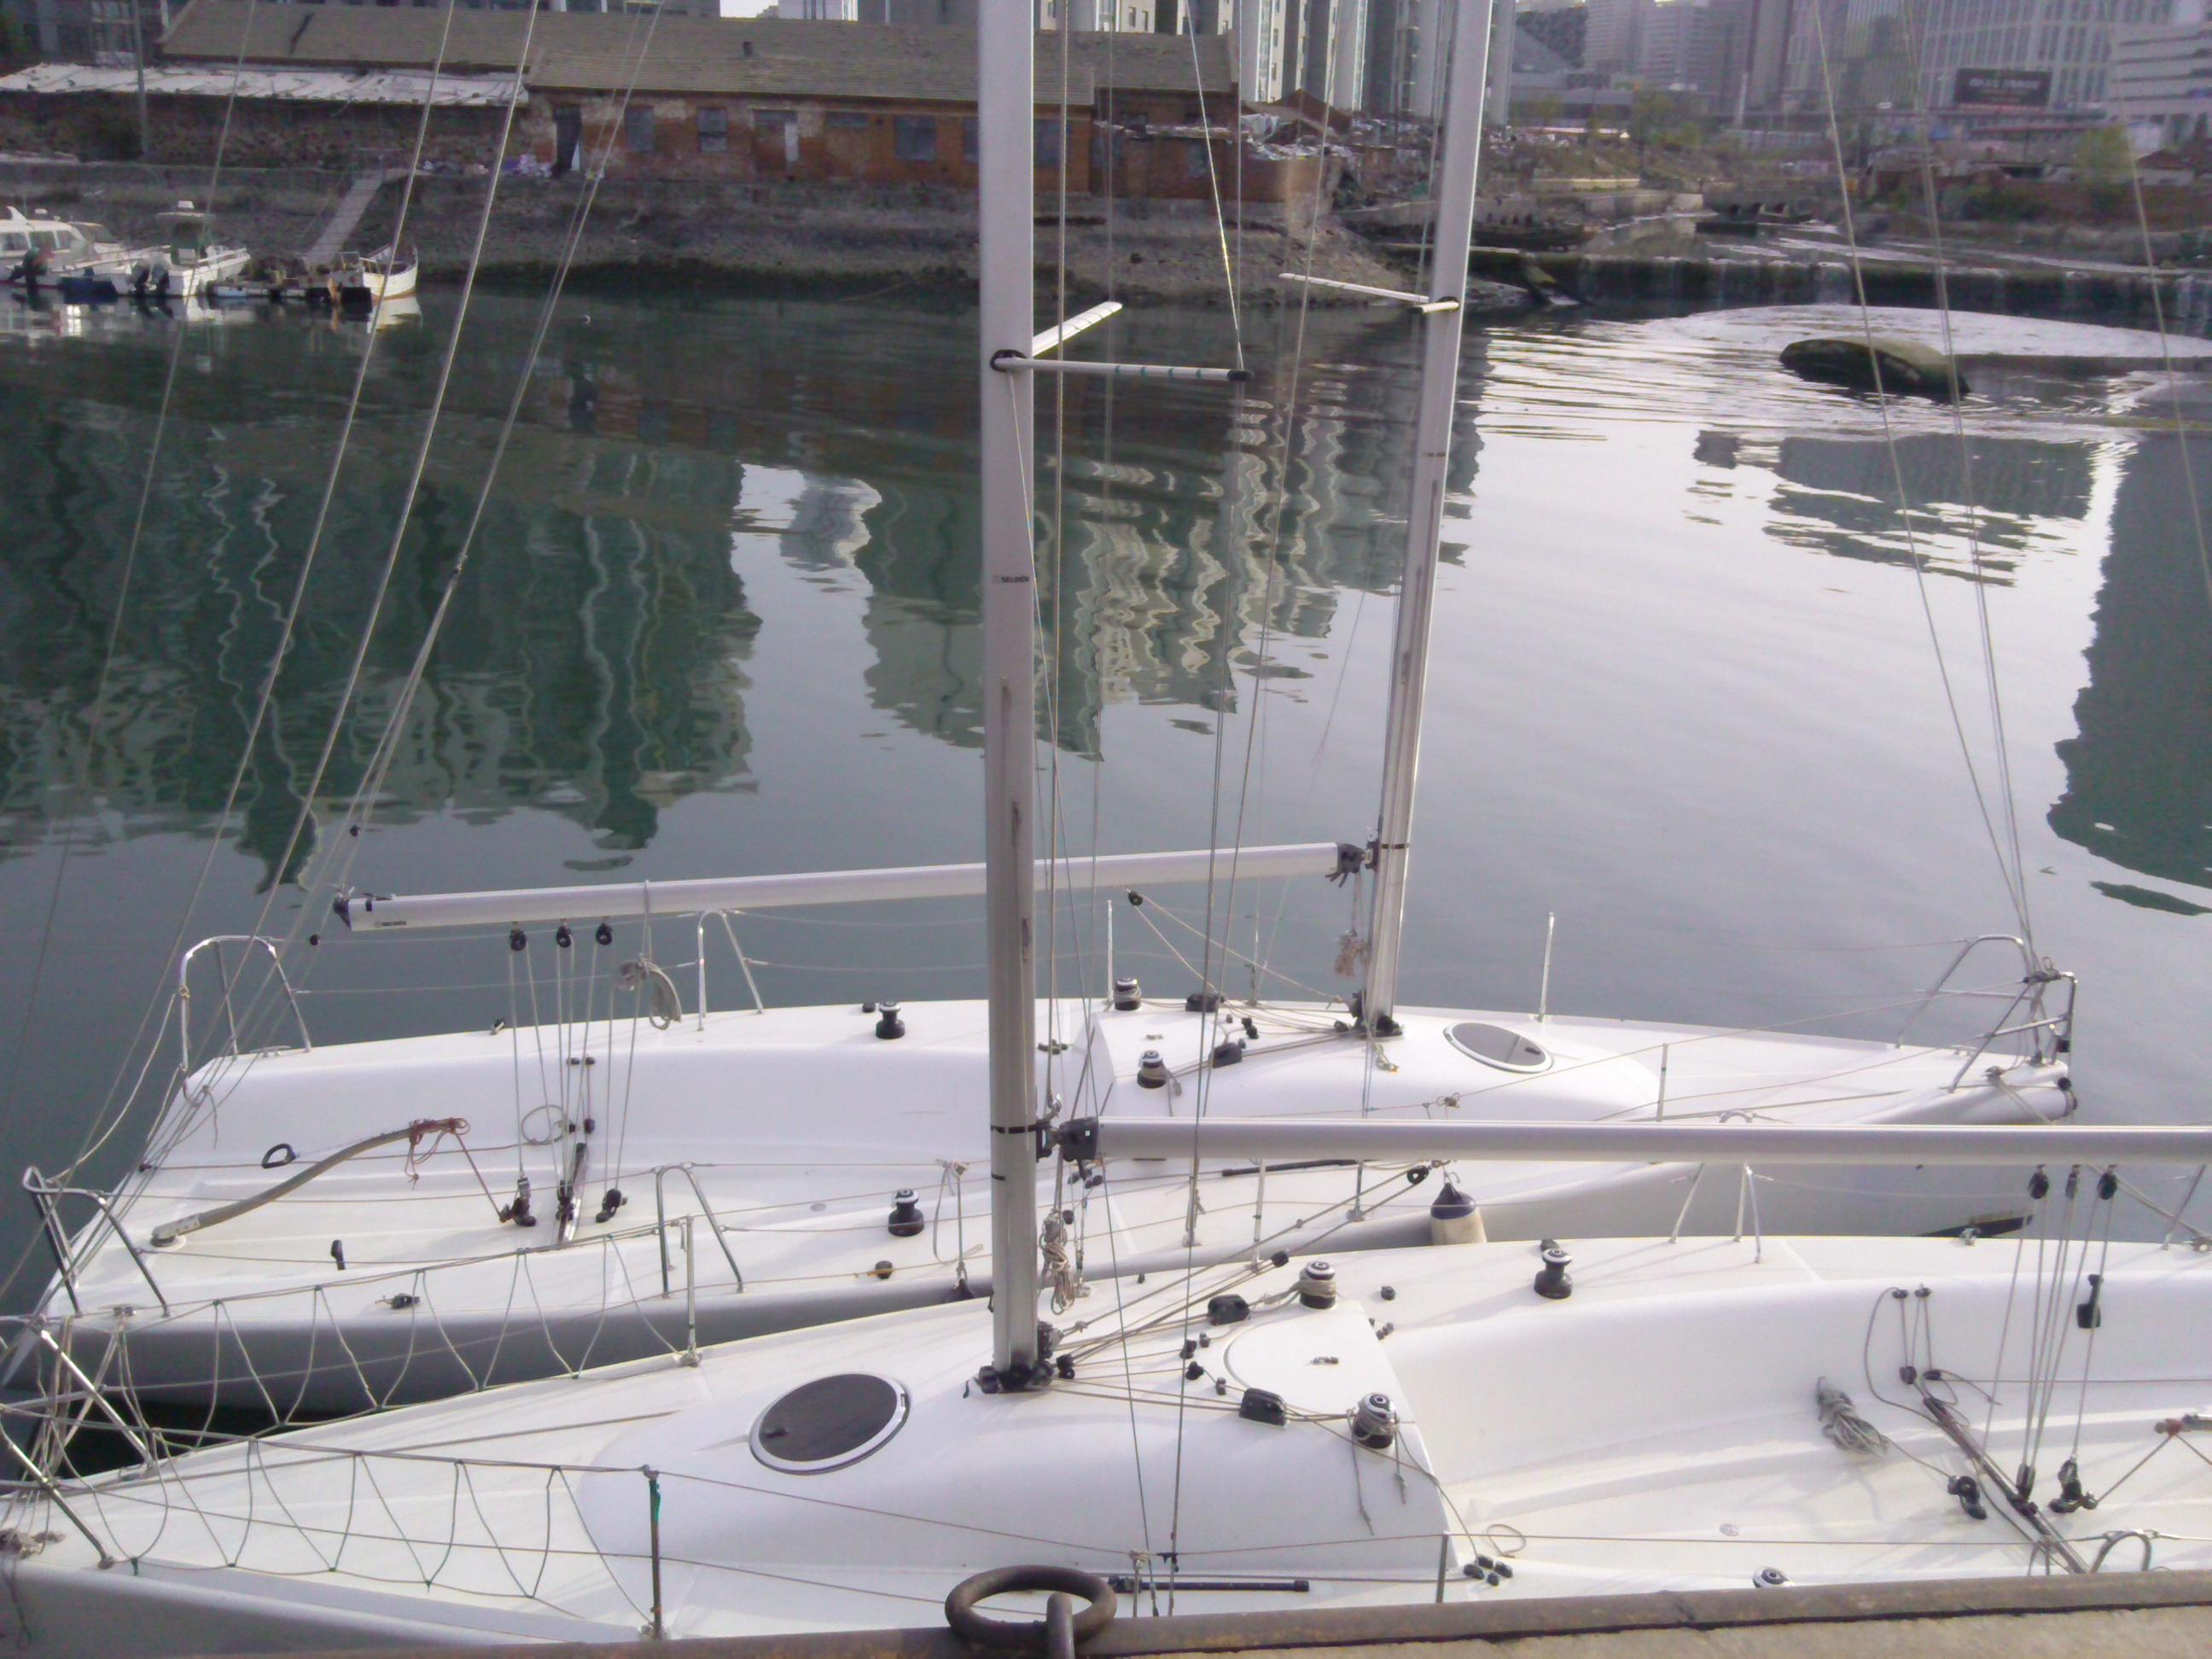 大连海事,图片,大学,帆船 大连海事大学帆船队之我们的那些事 别让船太孤单,常去码头看看!